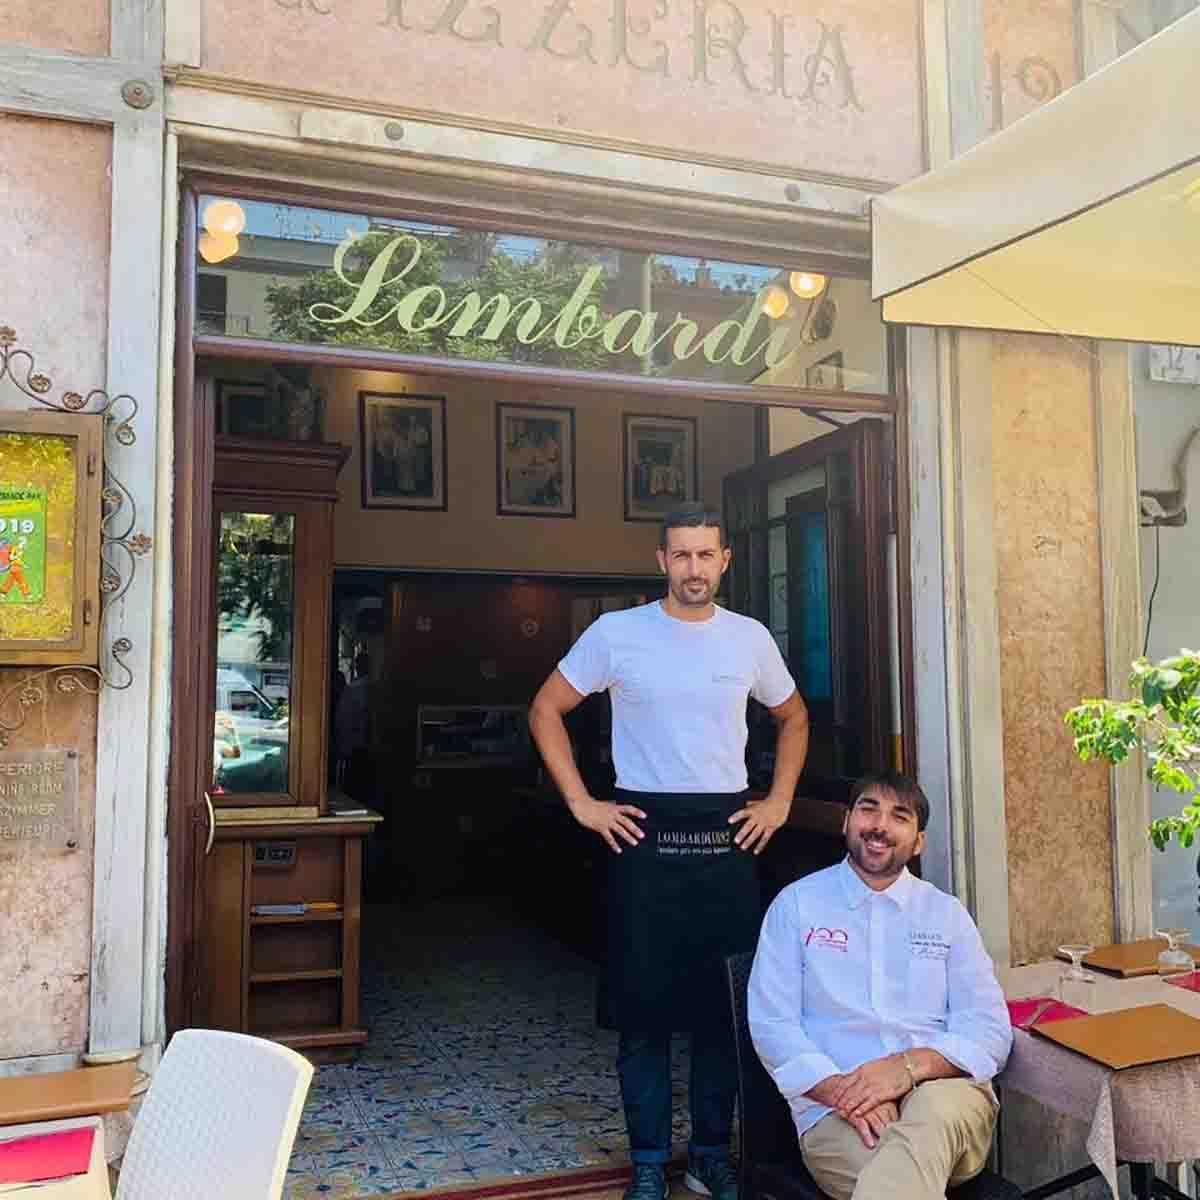 pizzerie all'aperto a Napoli: Lombardi